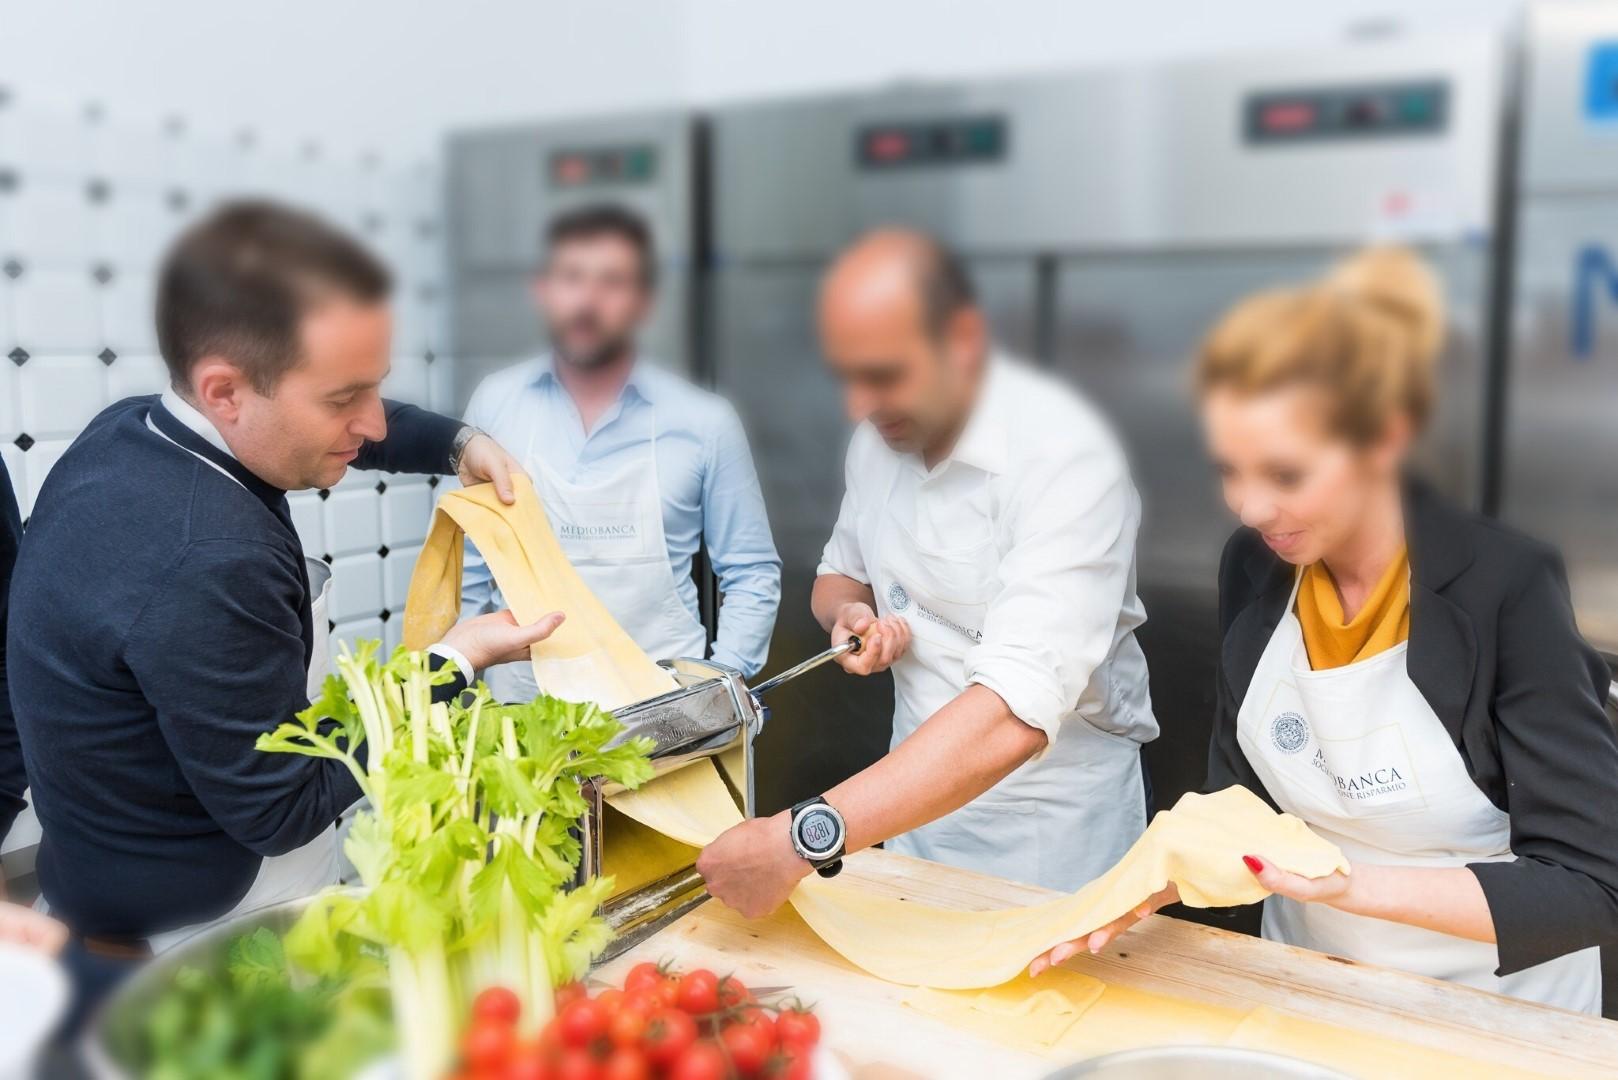 Cooking Team Building per Mediobanca SGR.